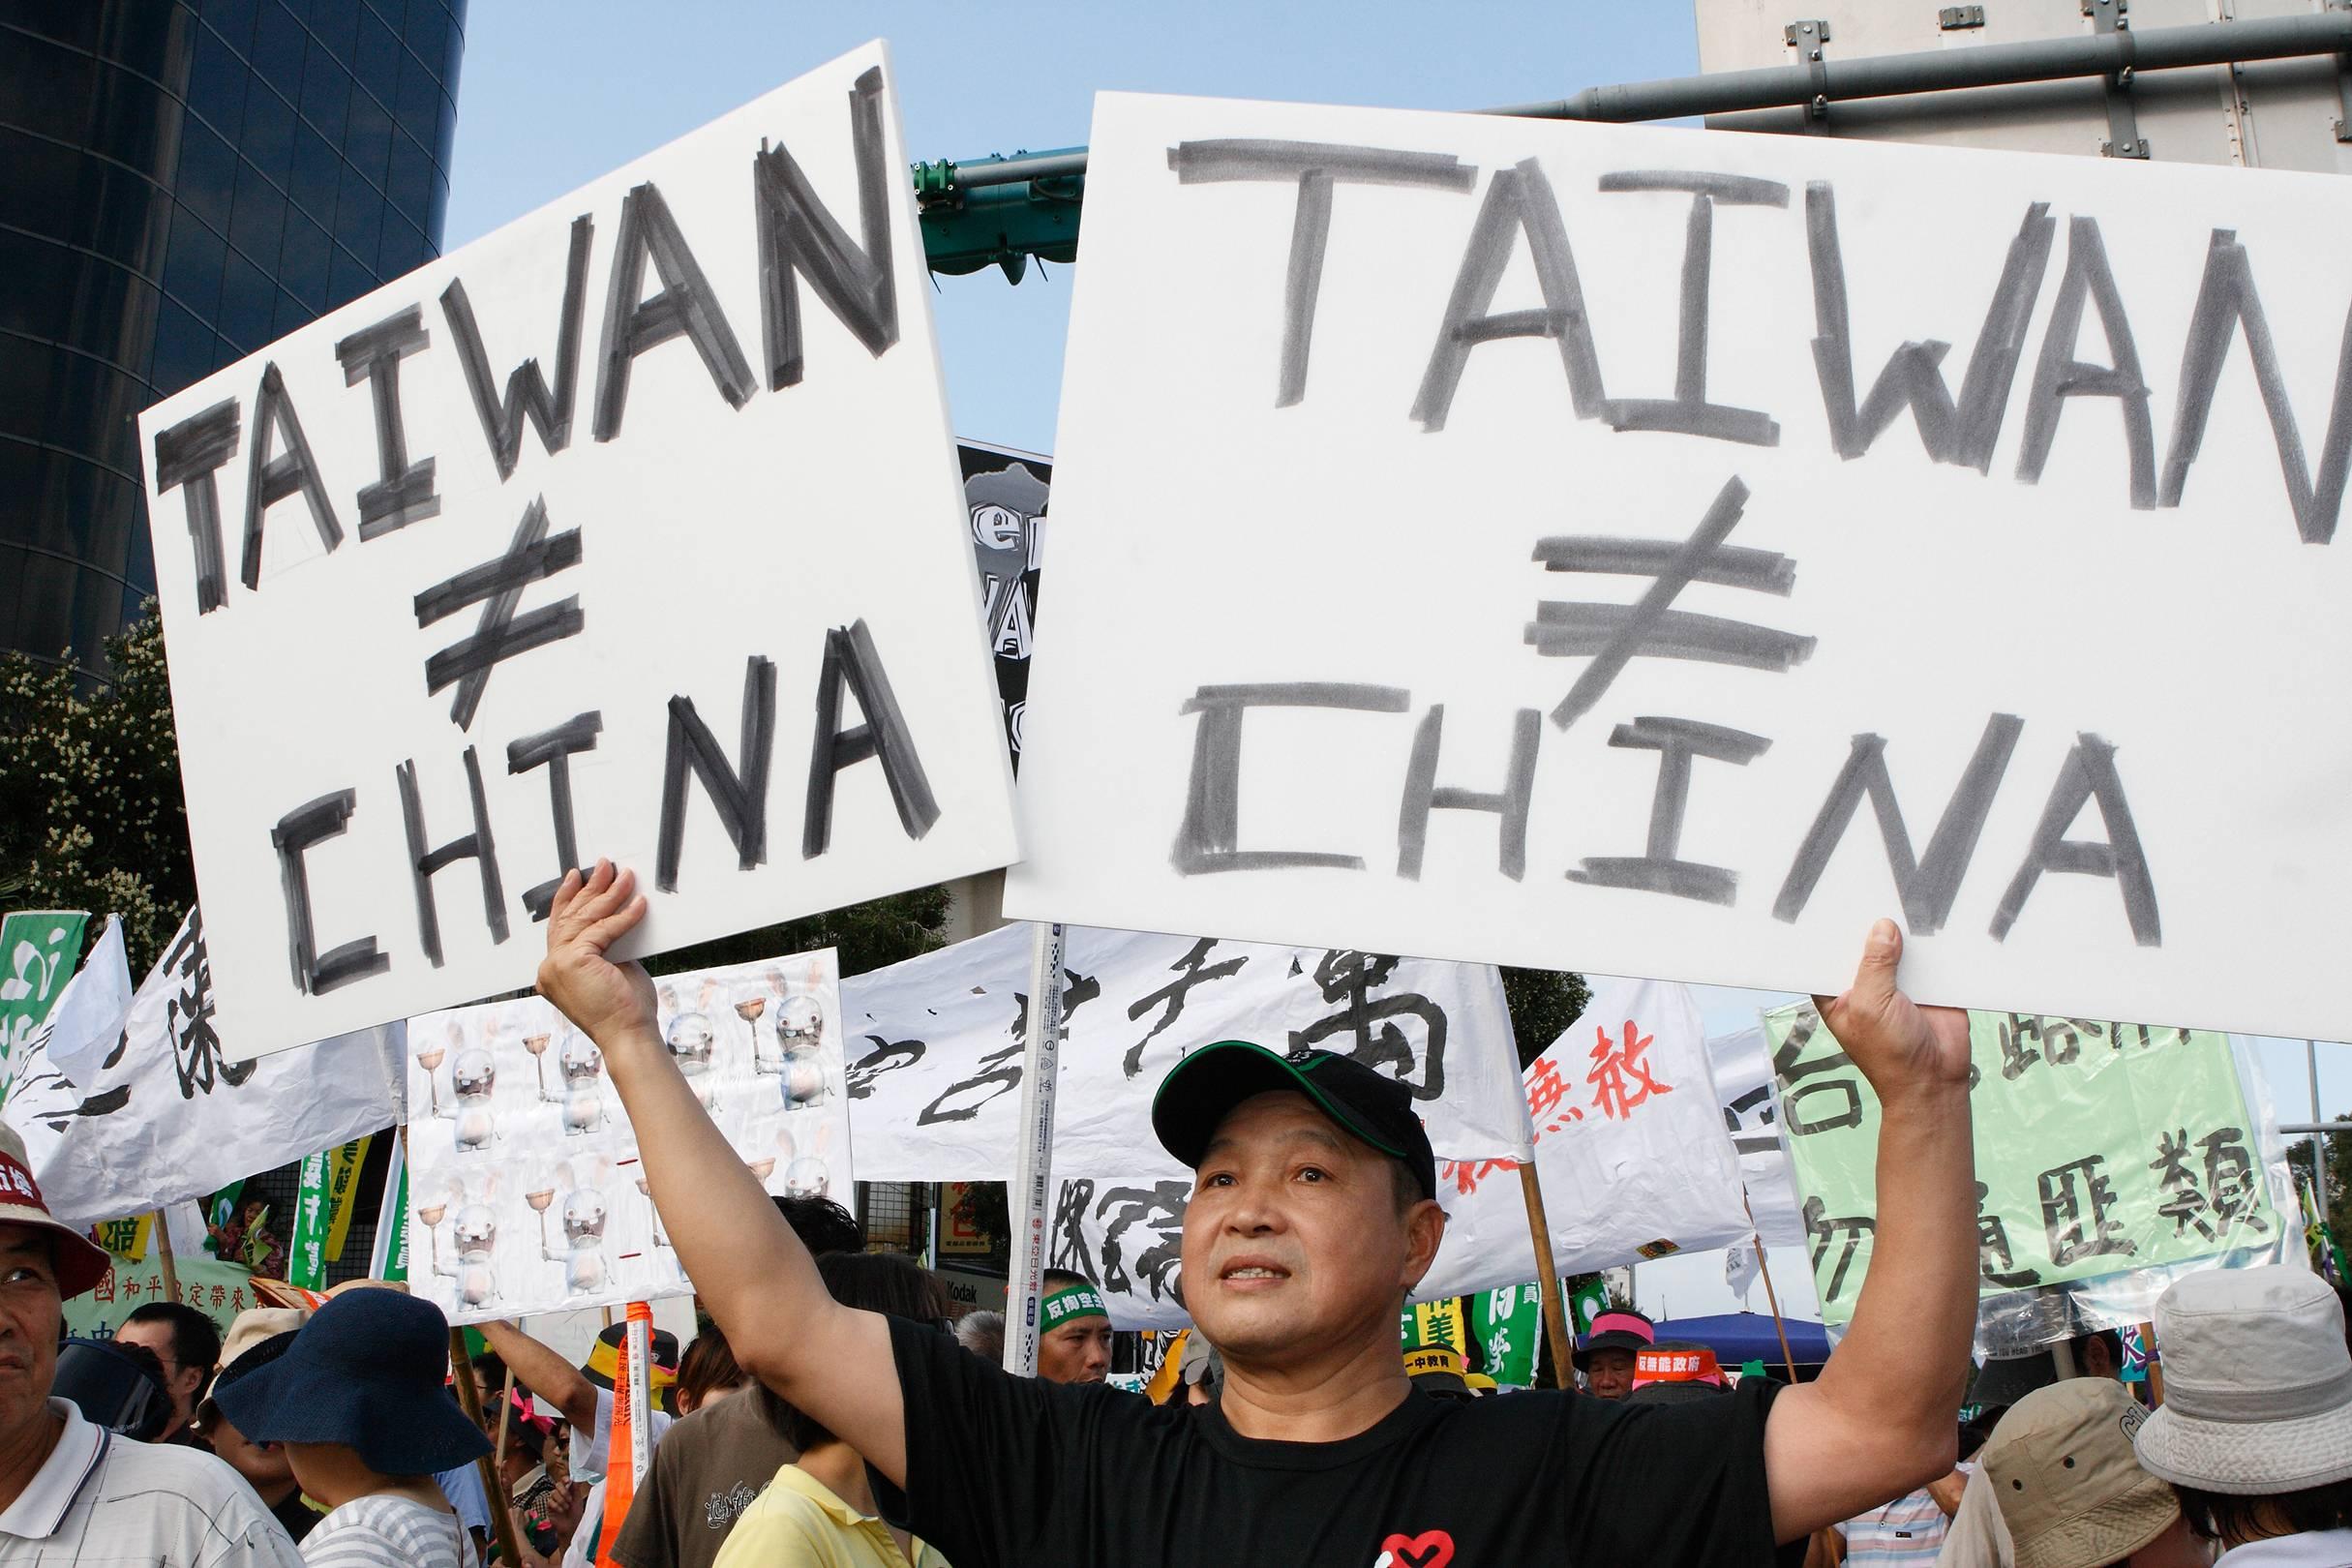 Китайский язык: структура, особенности, диалекты